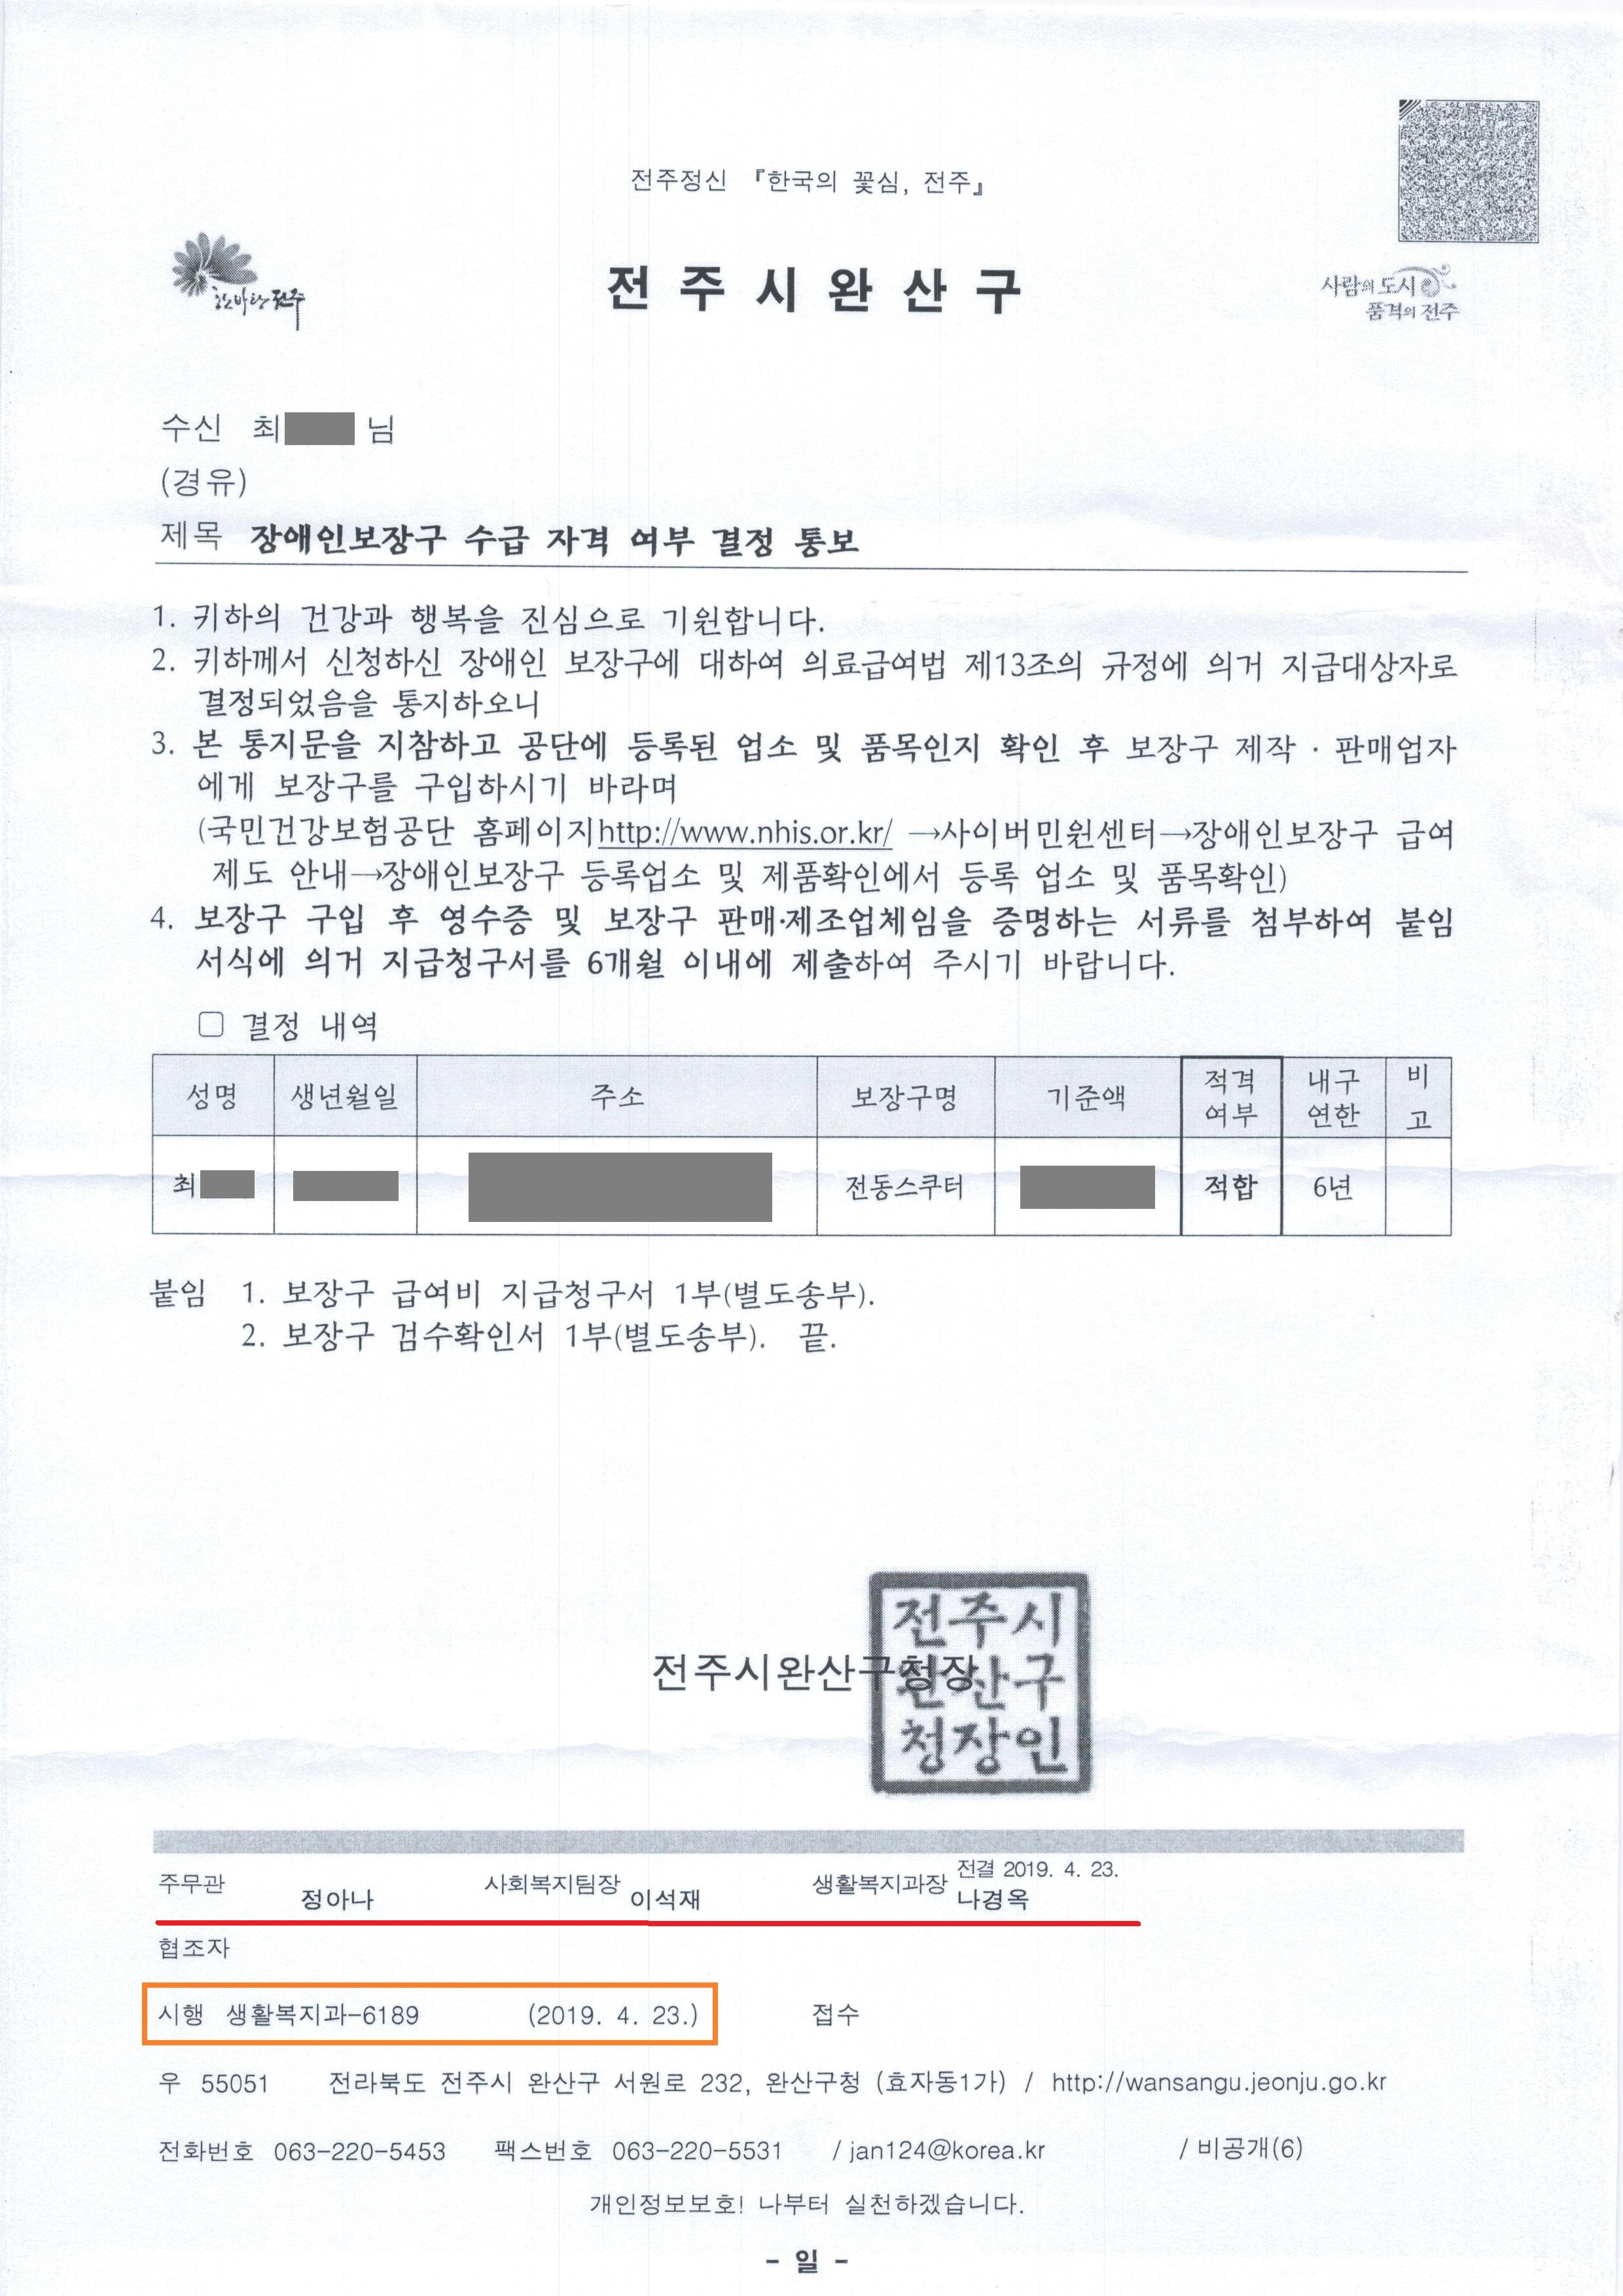 전주시완산구청생활복지과-6189(2019.4.23)_보장구 수급자격 여부 결정 통보_최순자.jpg